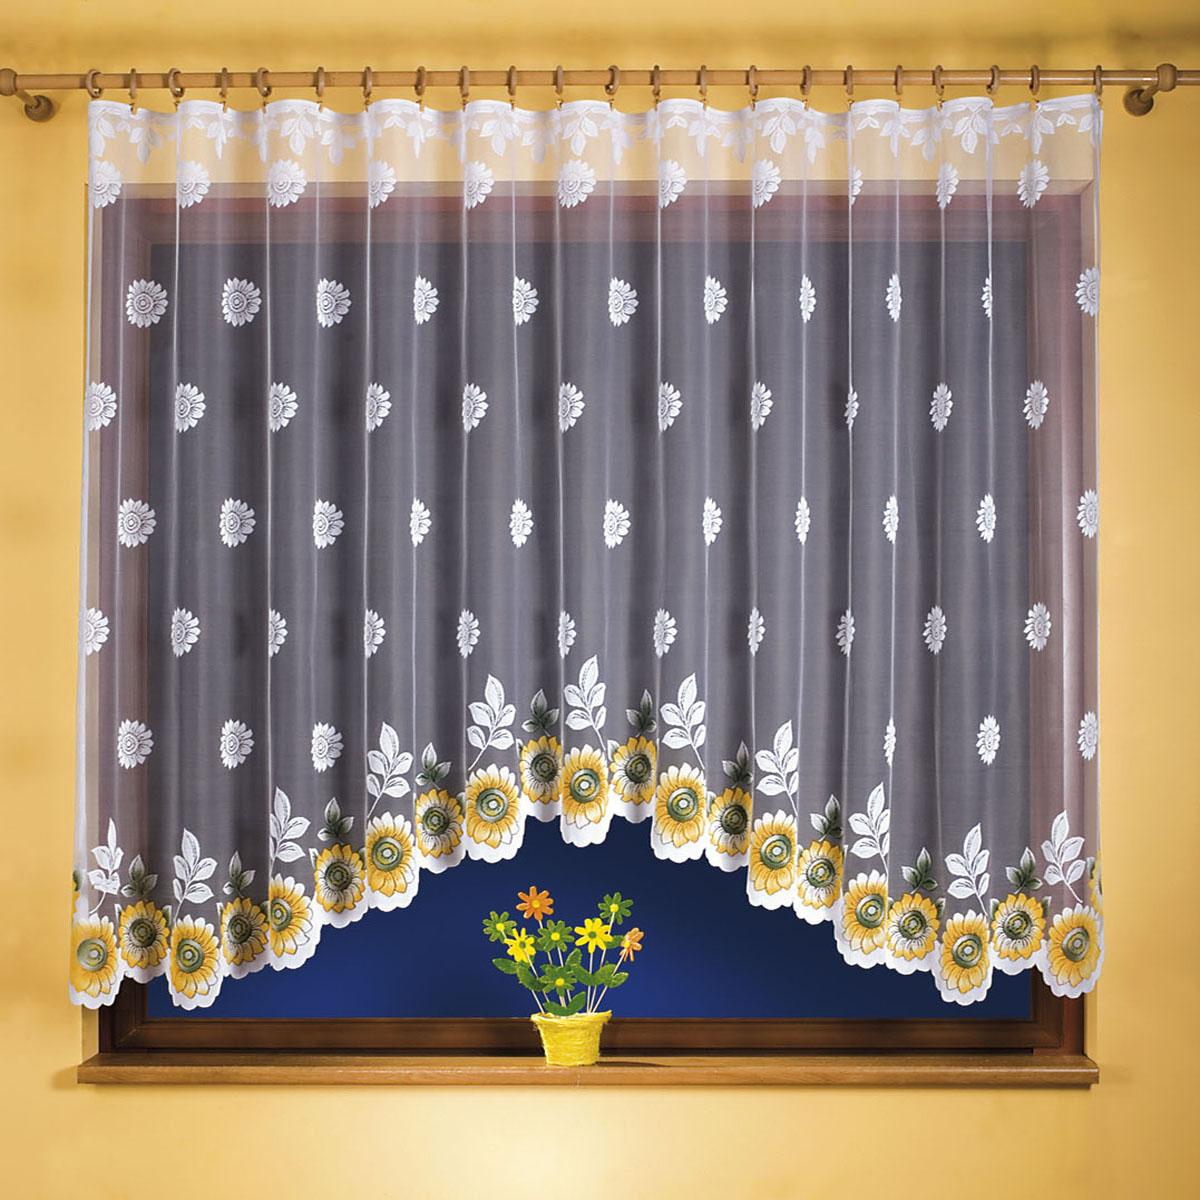 Гардина Wisan, цвет: белый, ширина 220 см, высота 120 см. 97699769вид крепления - под зажимы для штор Размеры: 220*120